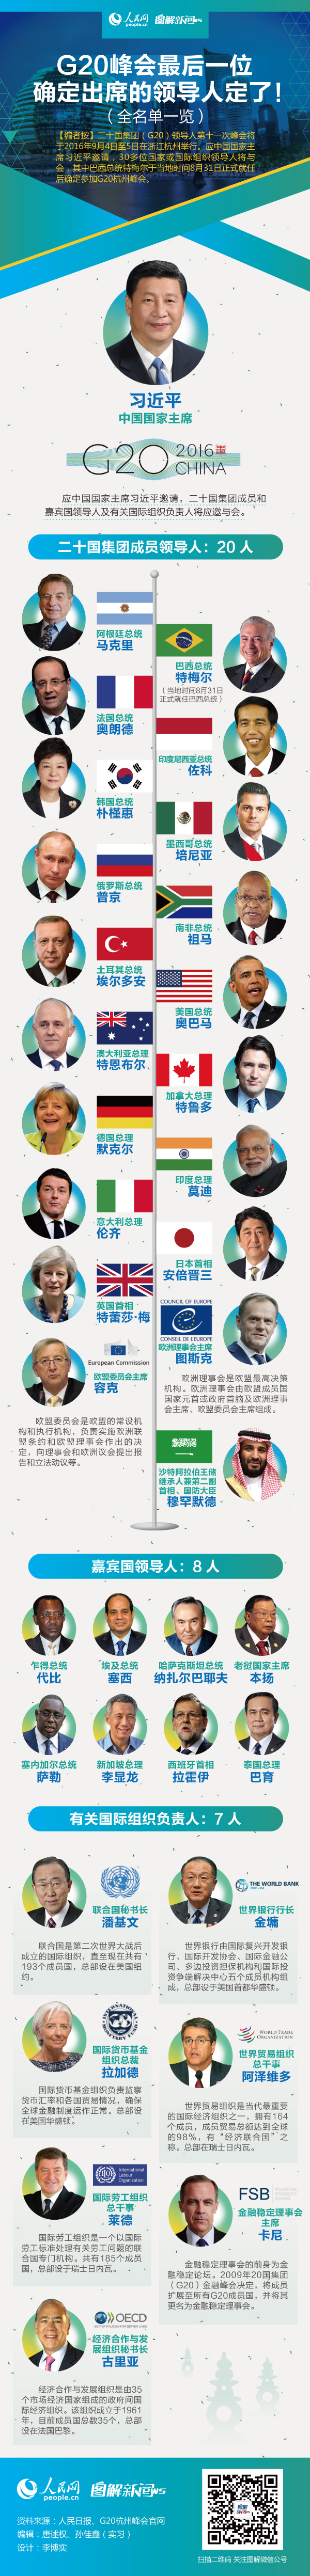 【引用】图解:G20峰会最后一位确定出席的领导人定了!(全名单一览) - 老老学生 - 老老学生 欢迎朋友们光临!